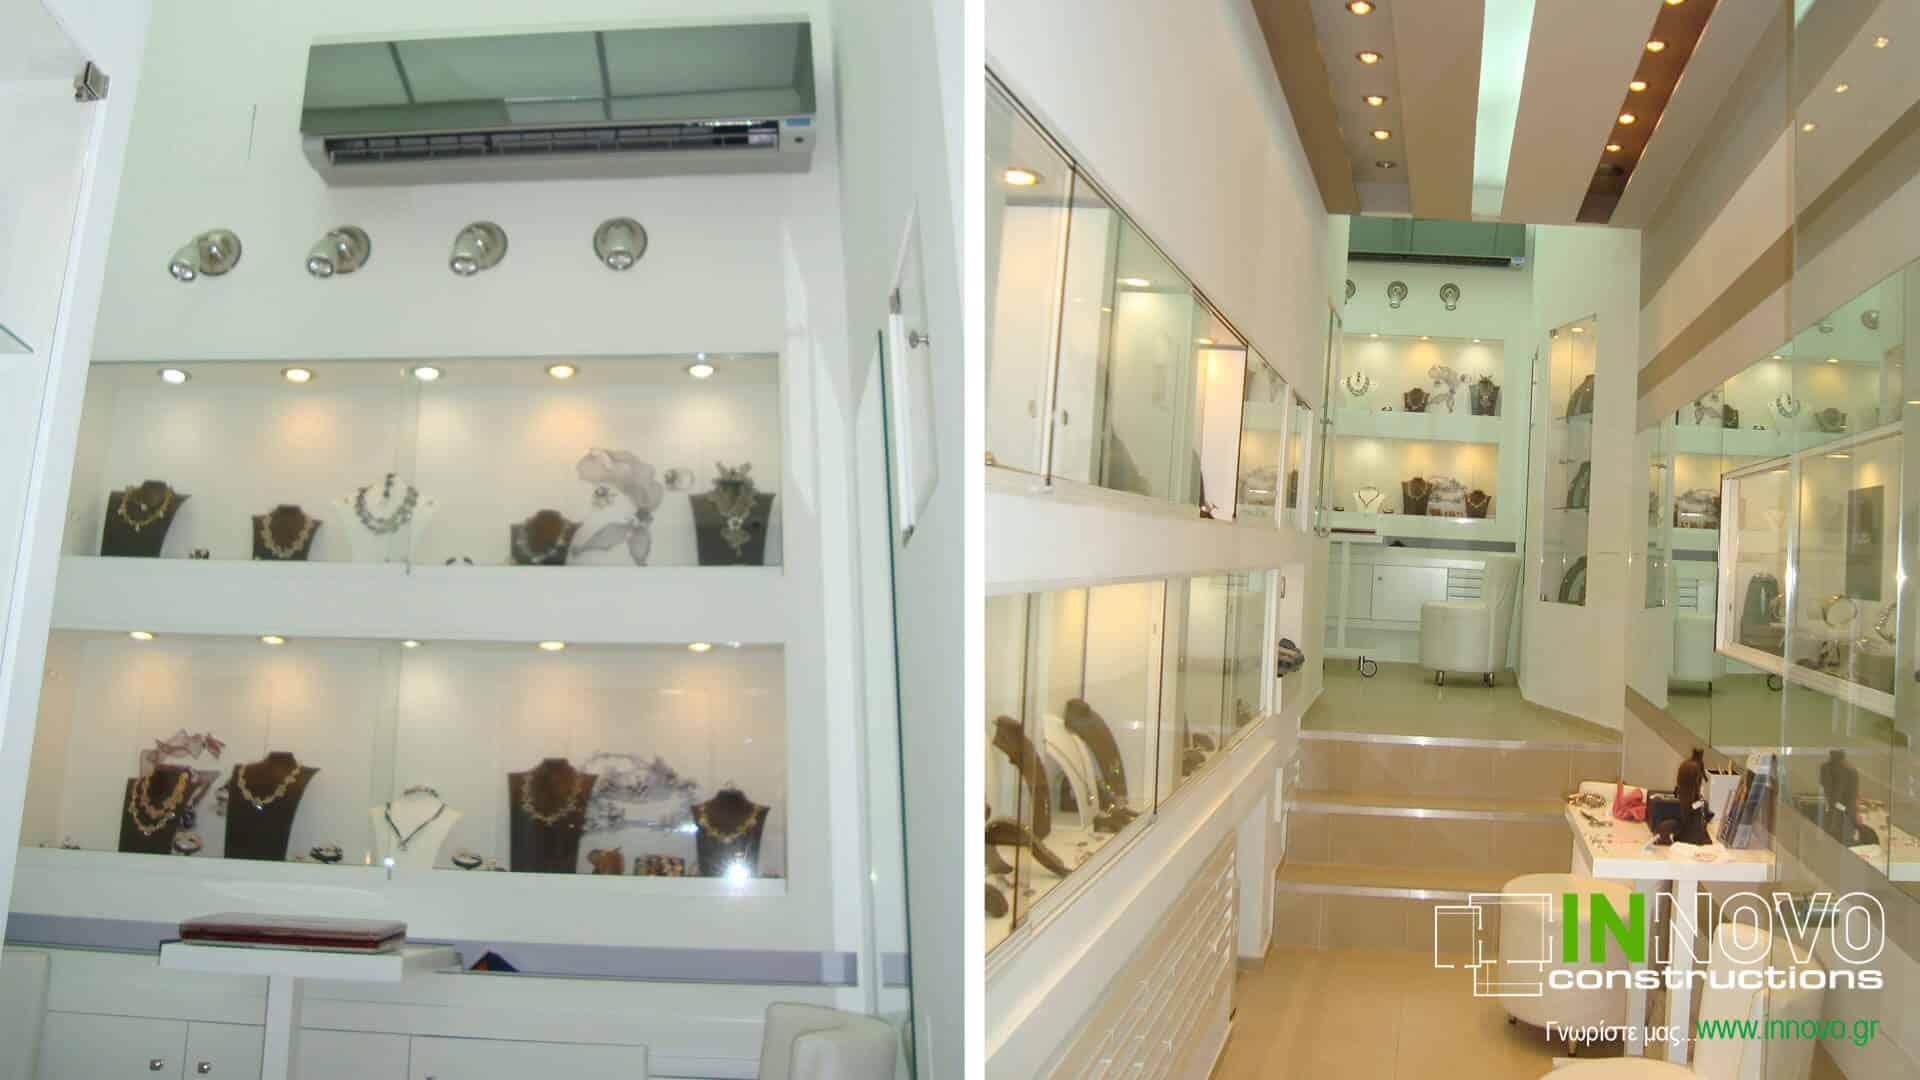 kataskevi-kosmimatopoleiou-jewelry-construction-kosmimatopoleio-monastiraki-1120-5